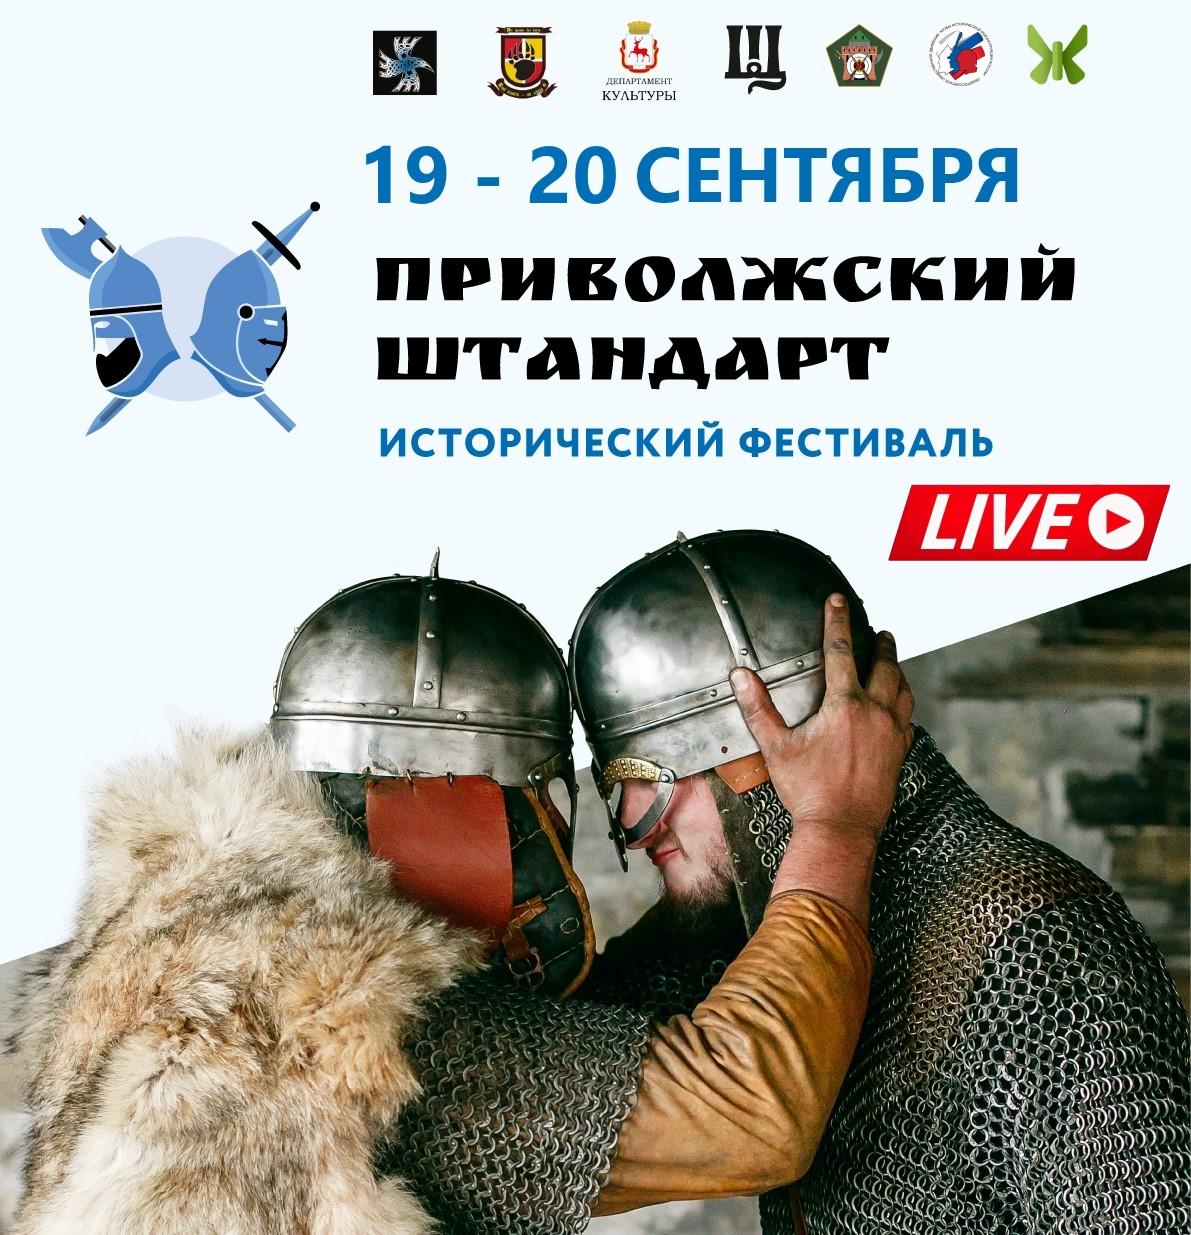 Фестиваль исторической реконструкции «Приволжский штандарт» пройдет 19 и 20 сентября в онлайн-формате